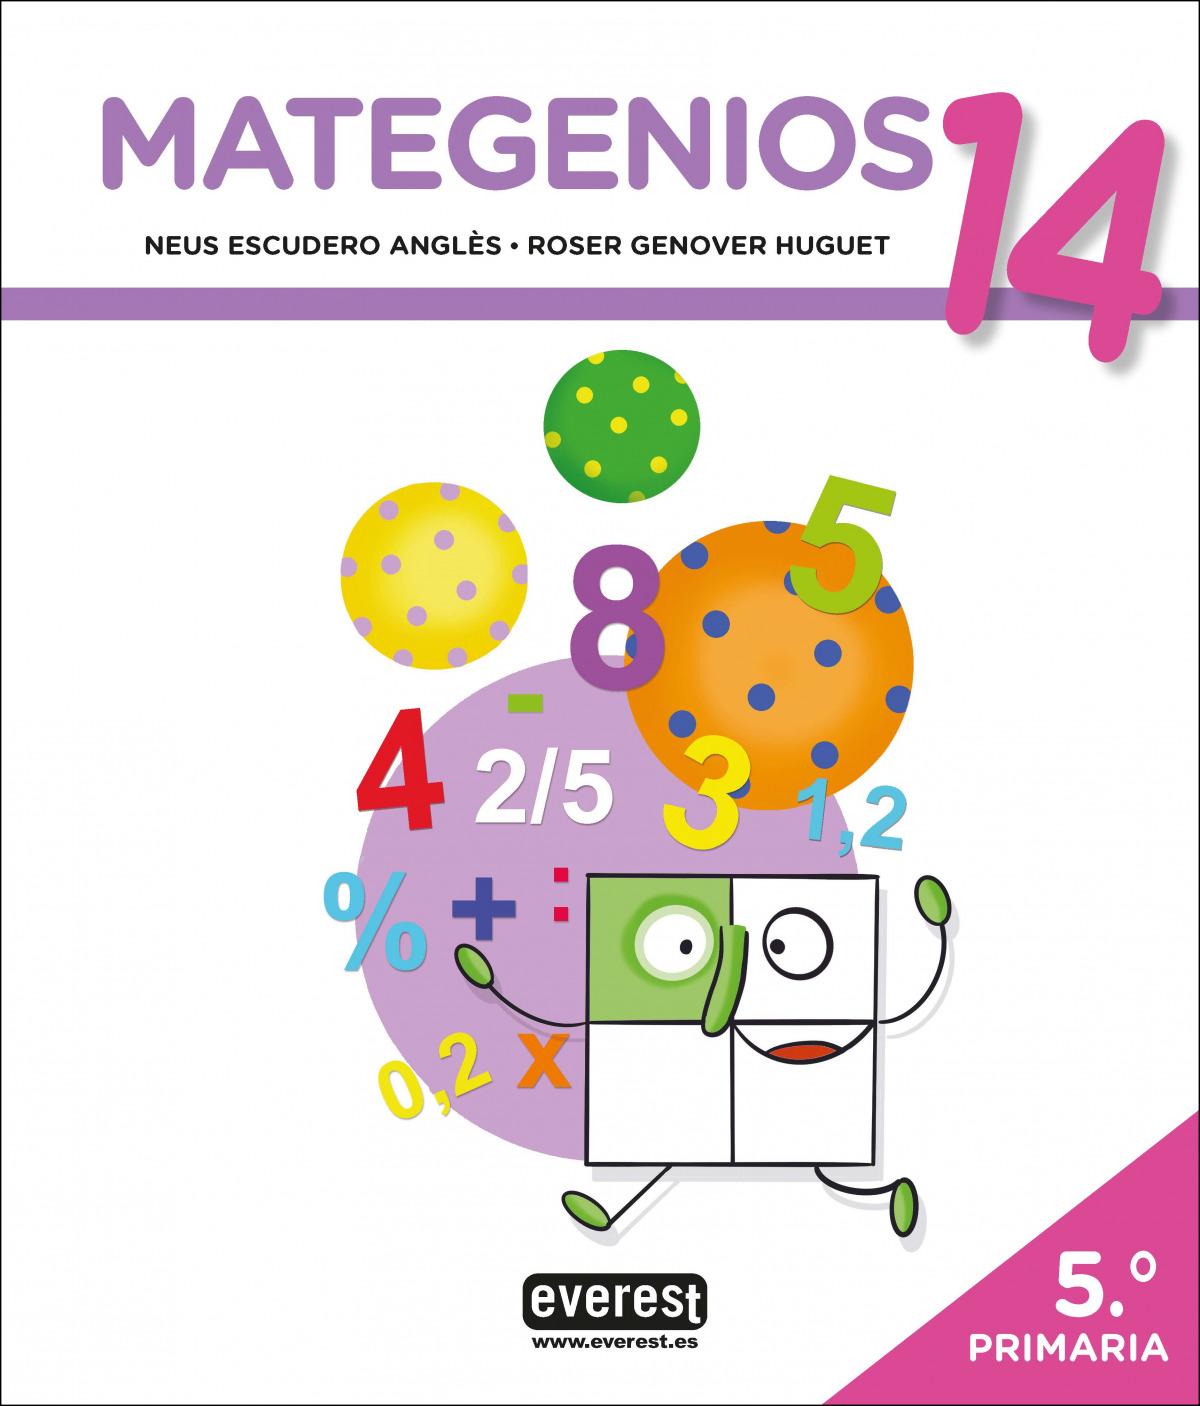 Mategenios 14